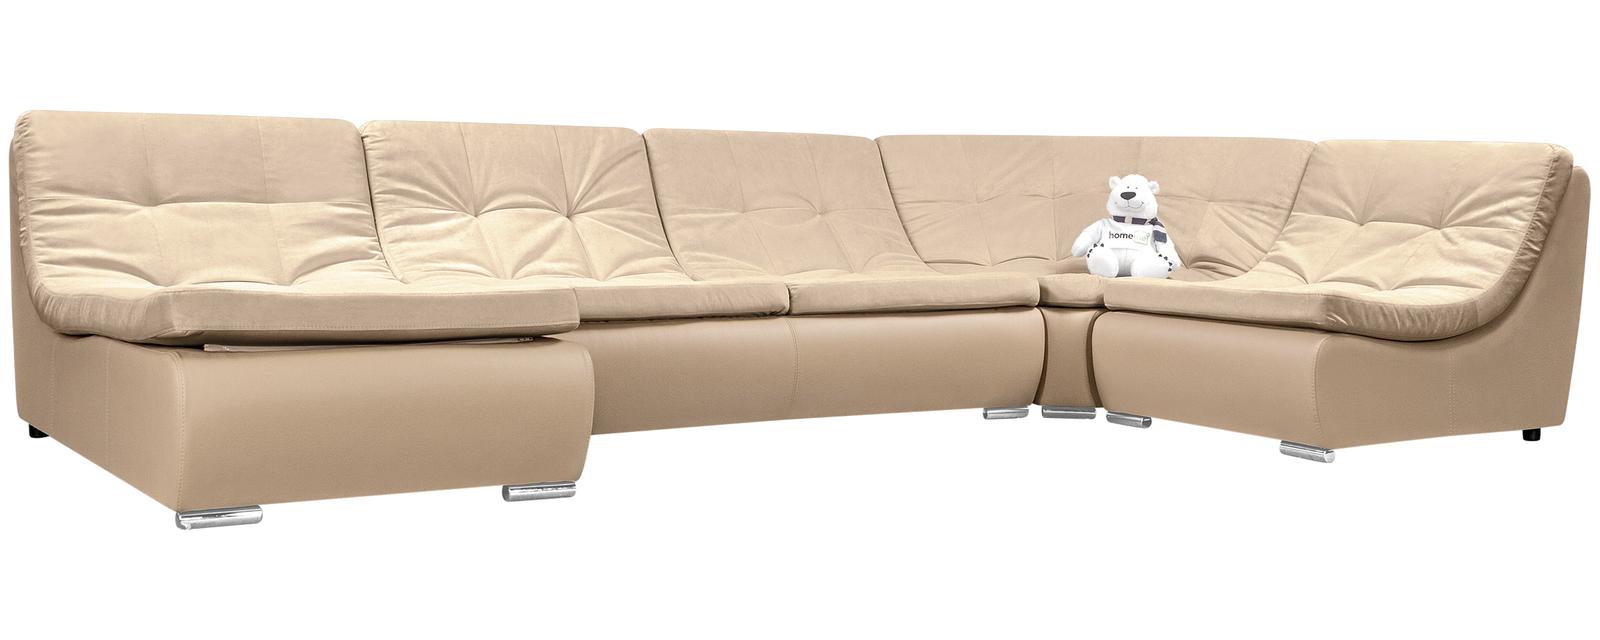 Модульный диван Лос-Анджелес Velure бежевый Вариант 2 (Велюр + Экокожа)